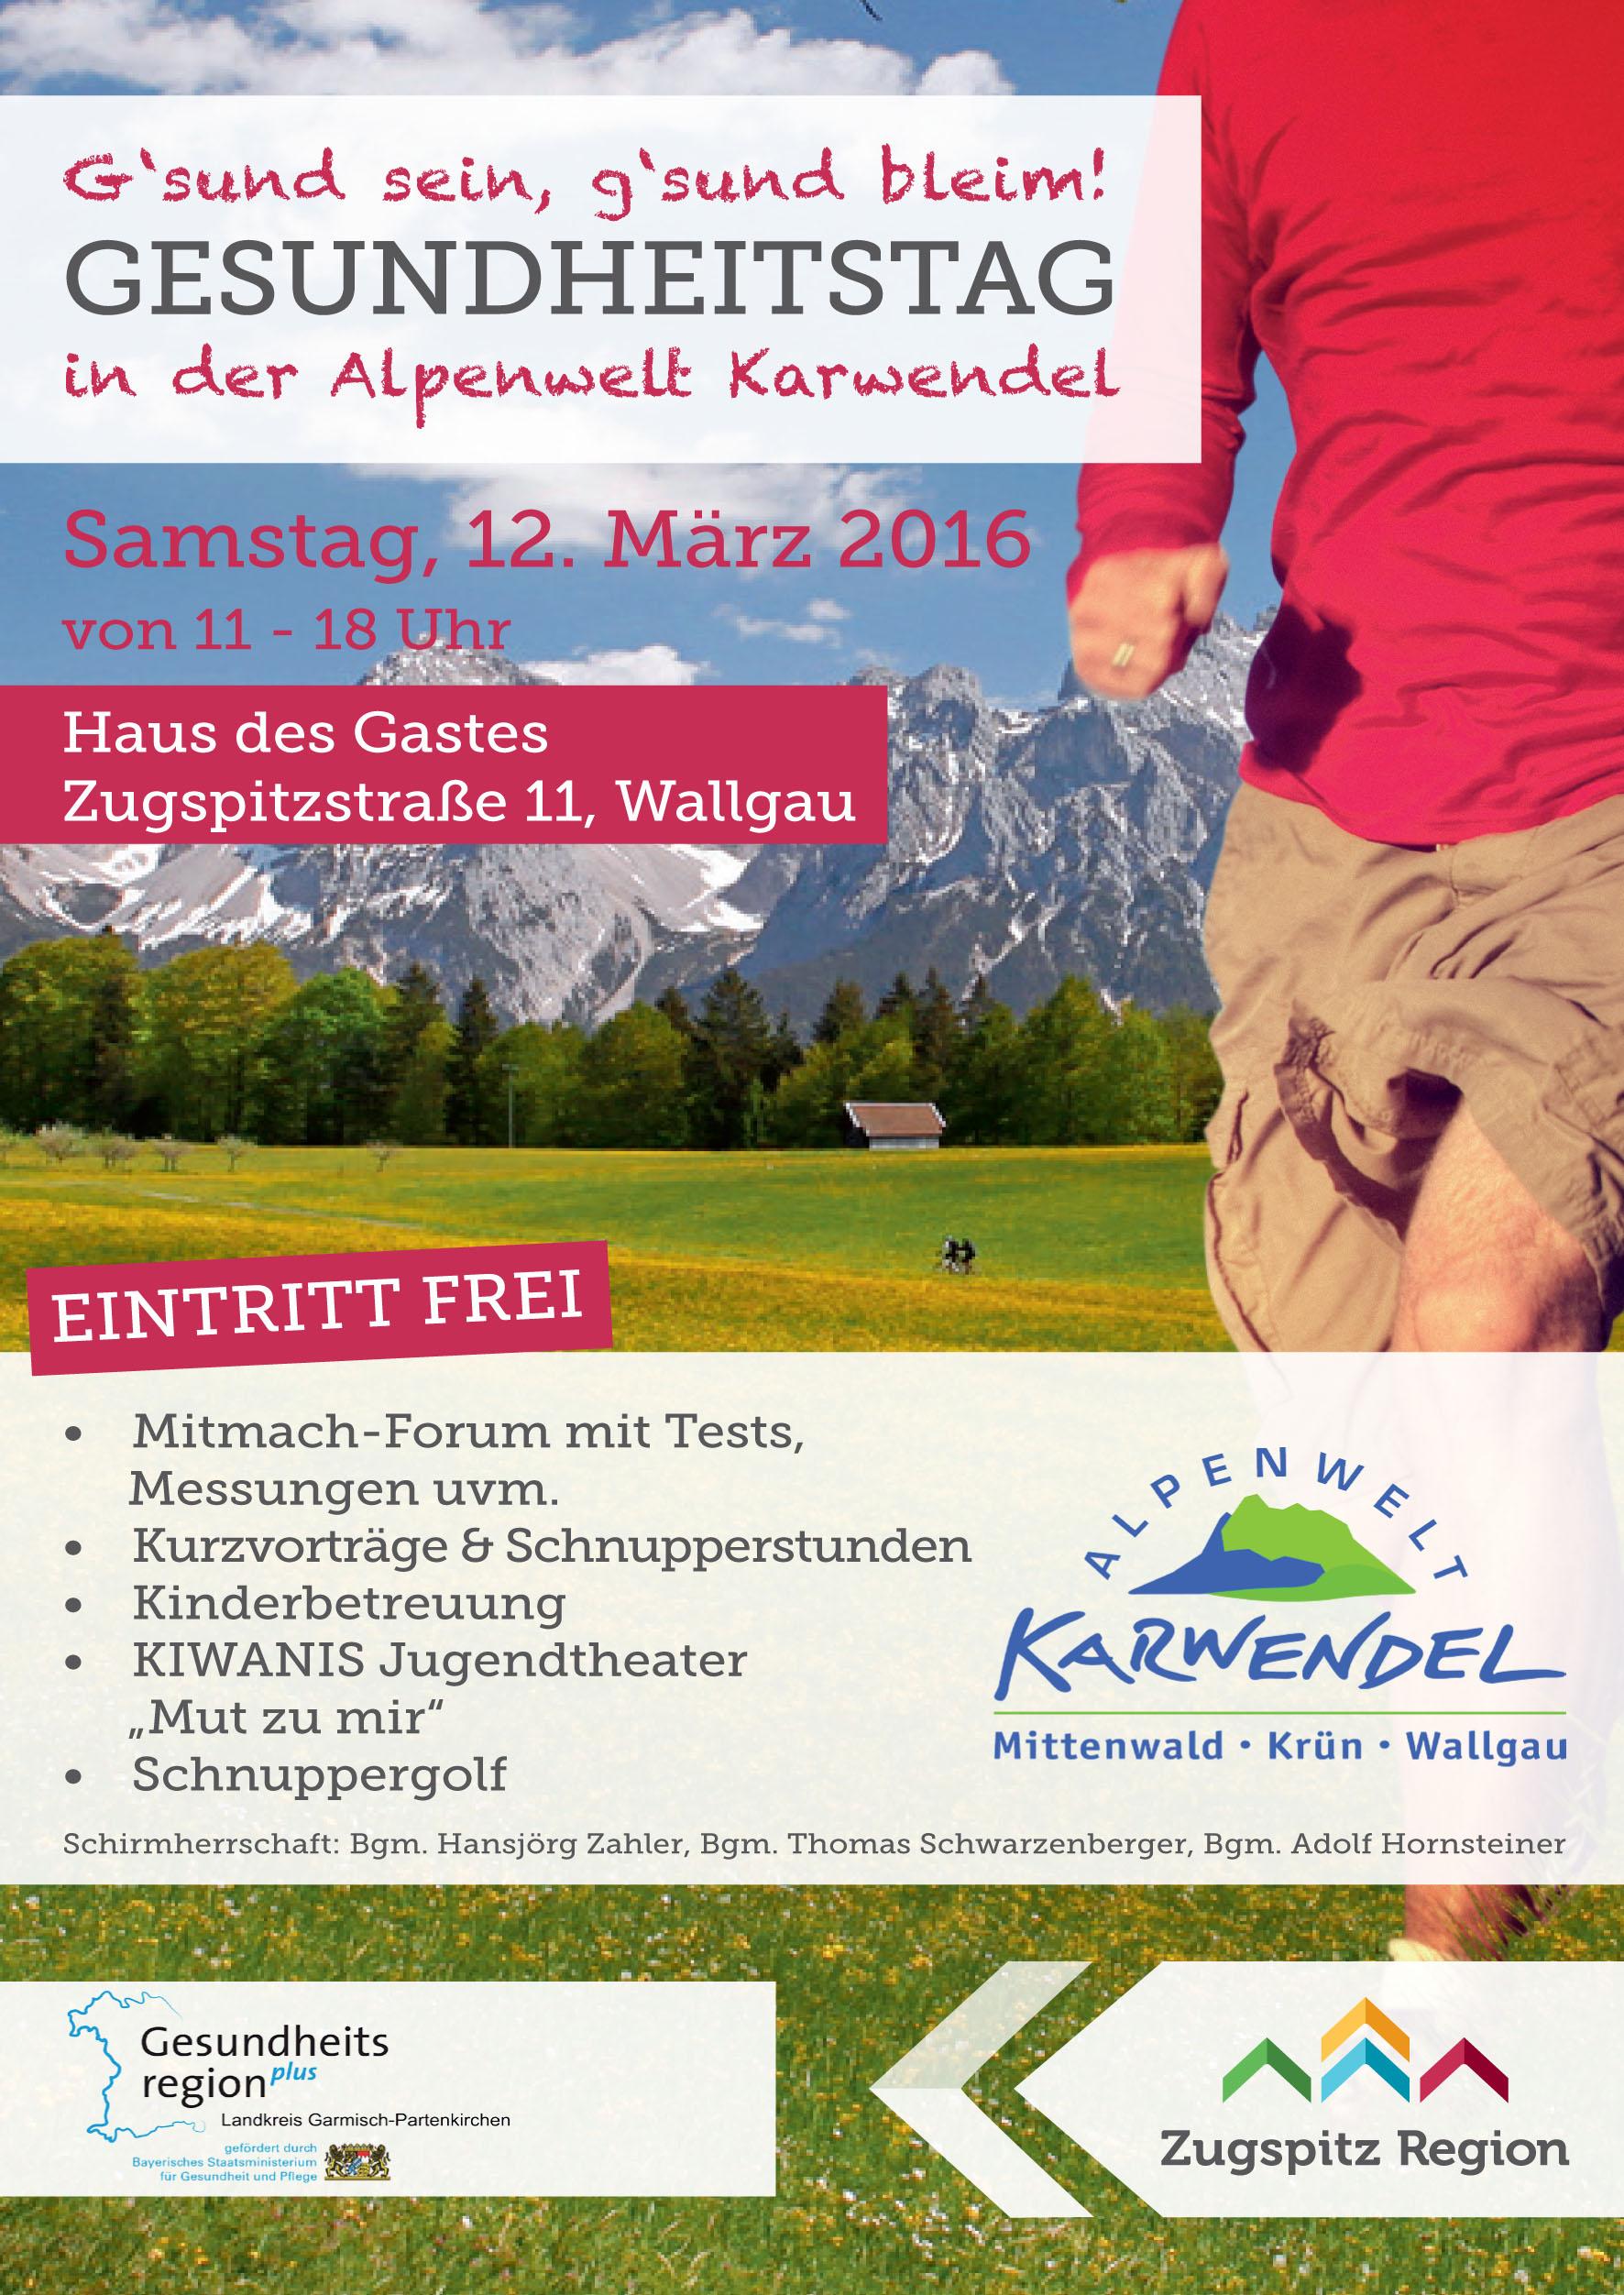 Flyer_A5_Gesundheitstag_Alpenwelt_Karwendel-1